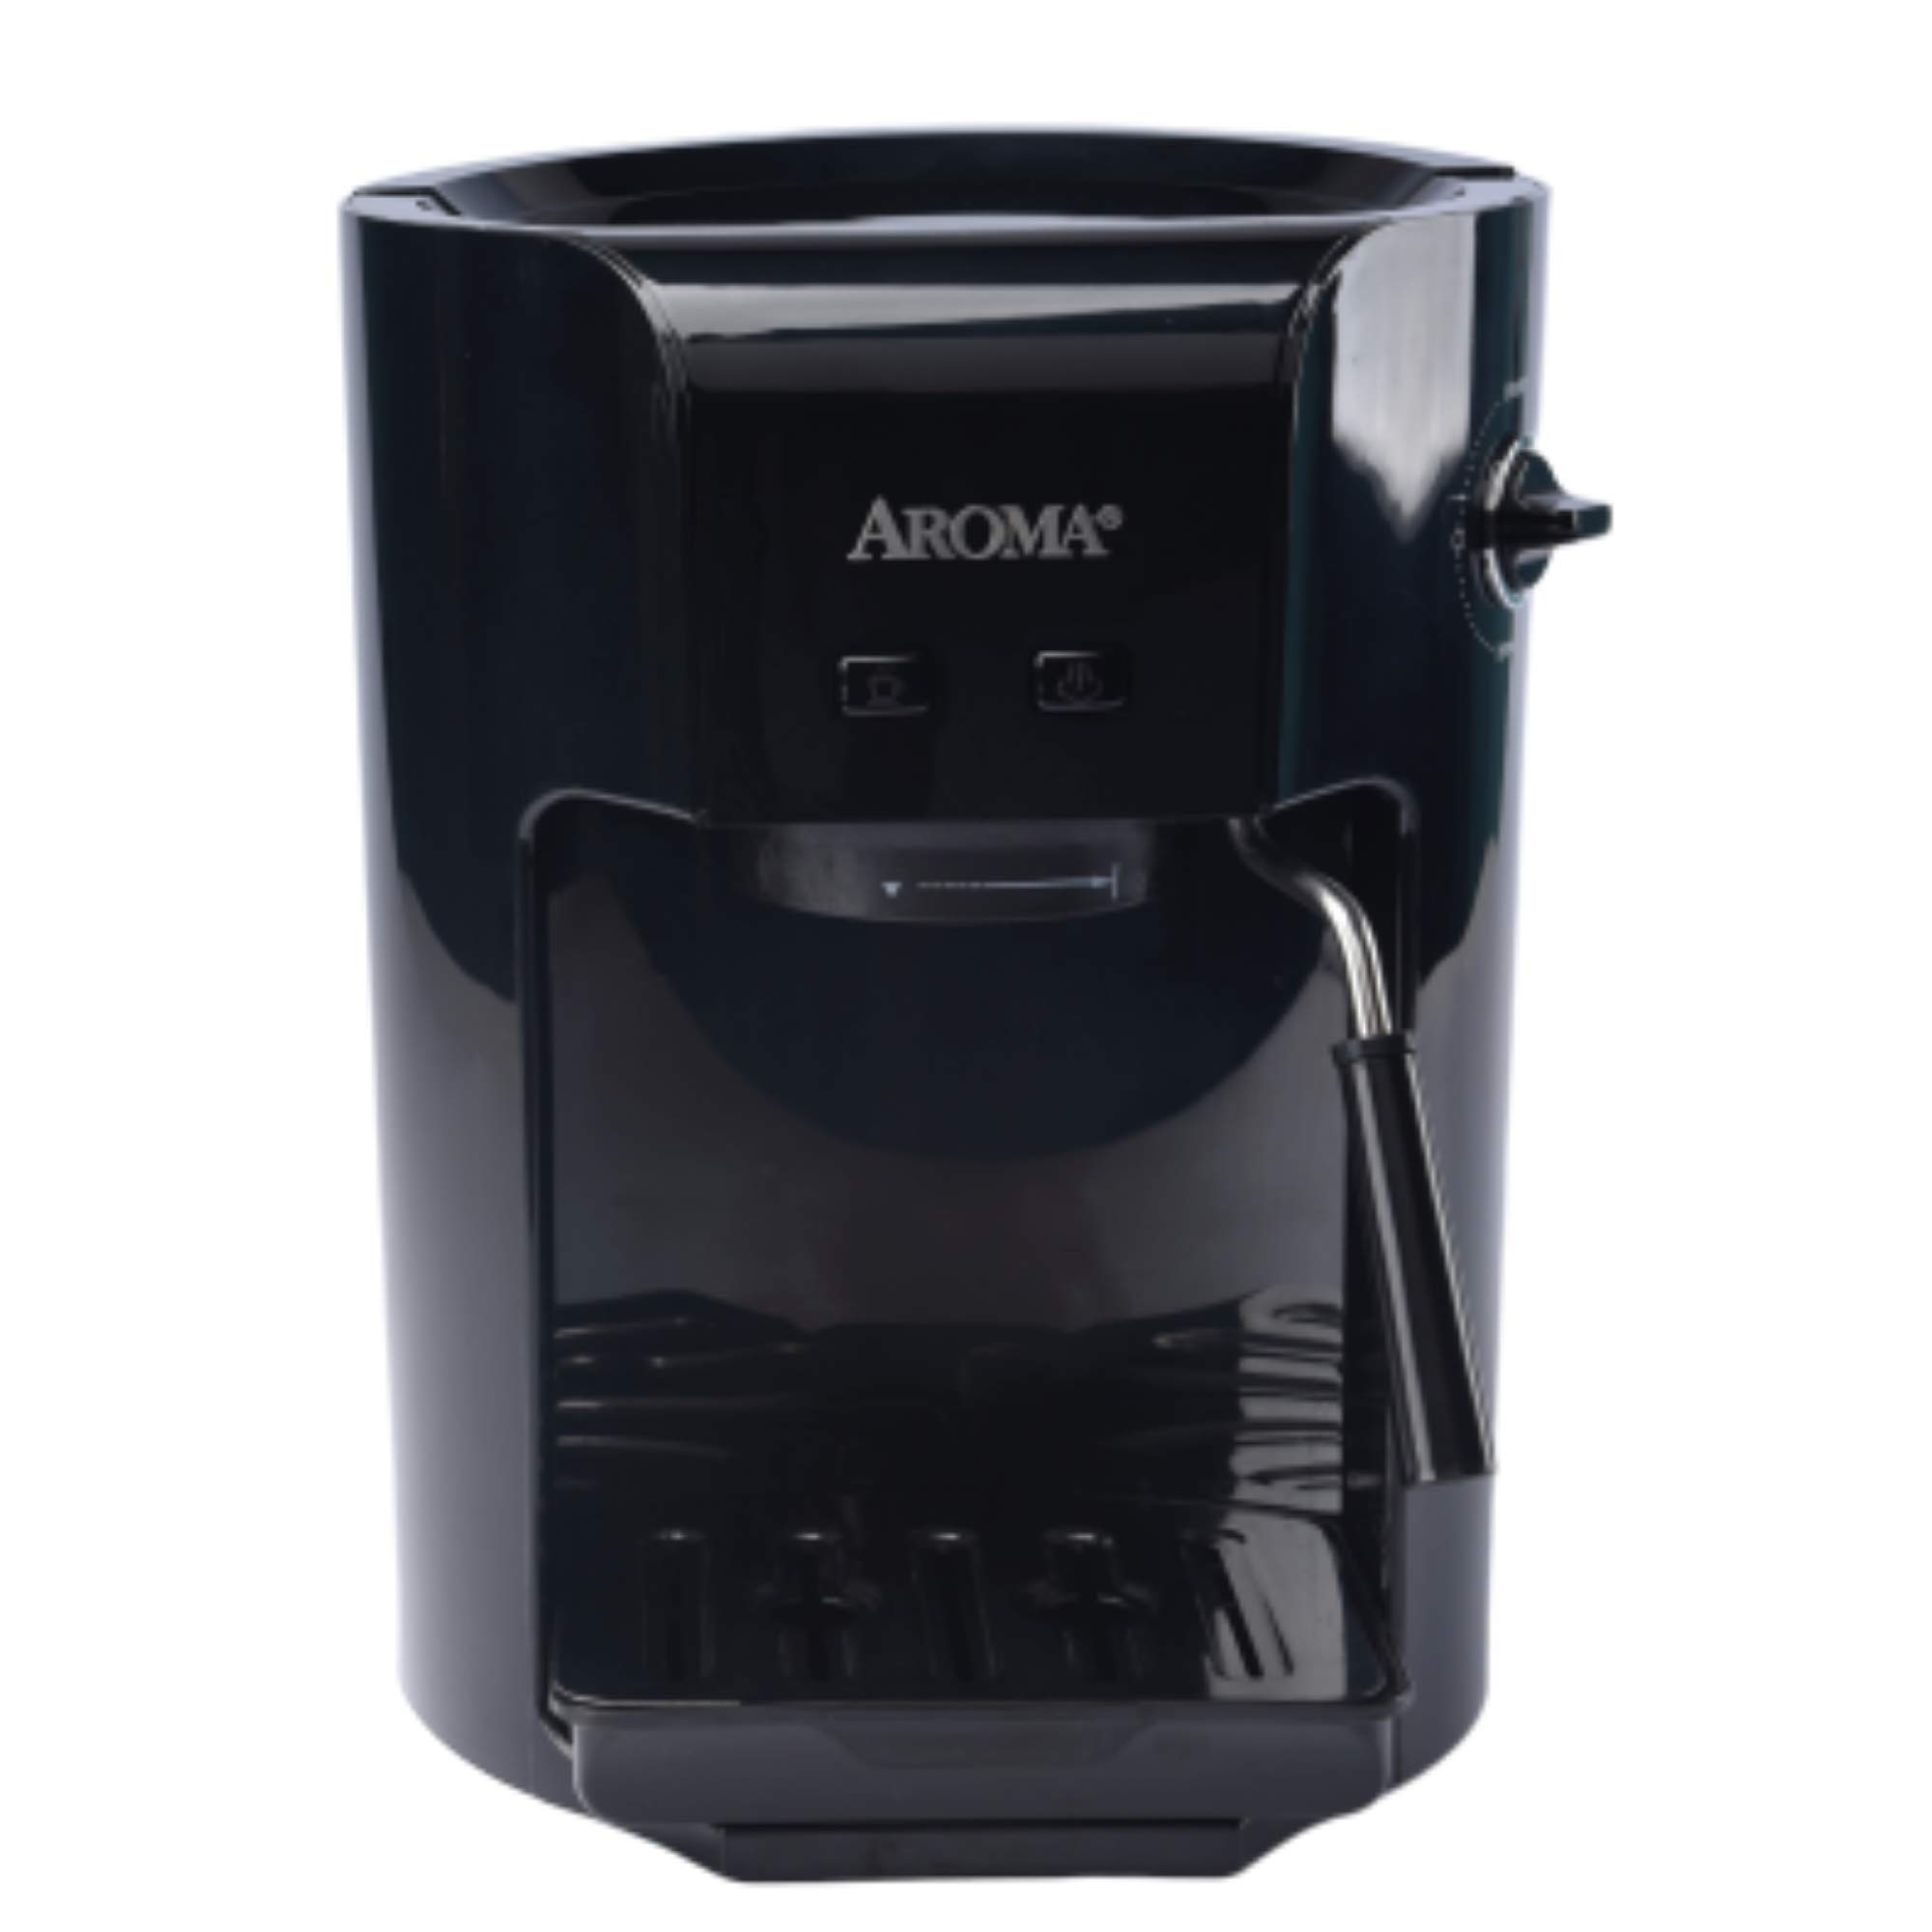 Aroma Housewares AEM-810 Aroma Espresso Coffee Maker, 1.5L/6 Cup, Black